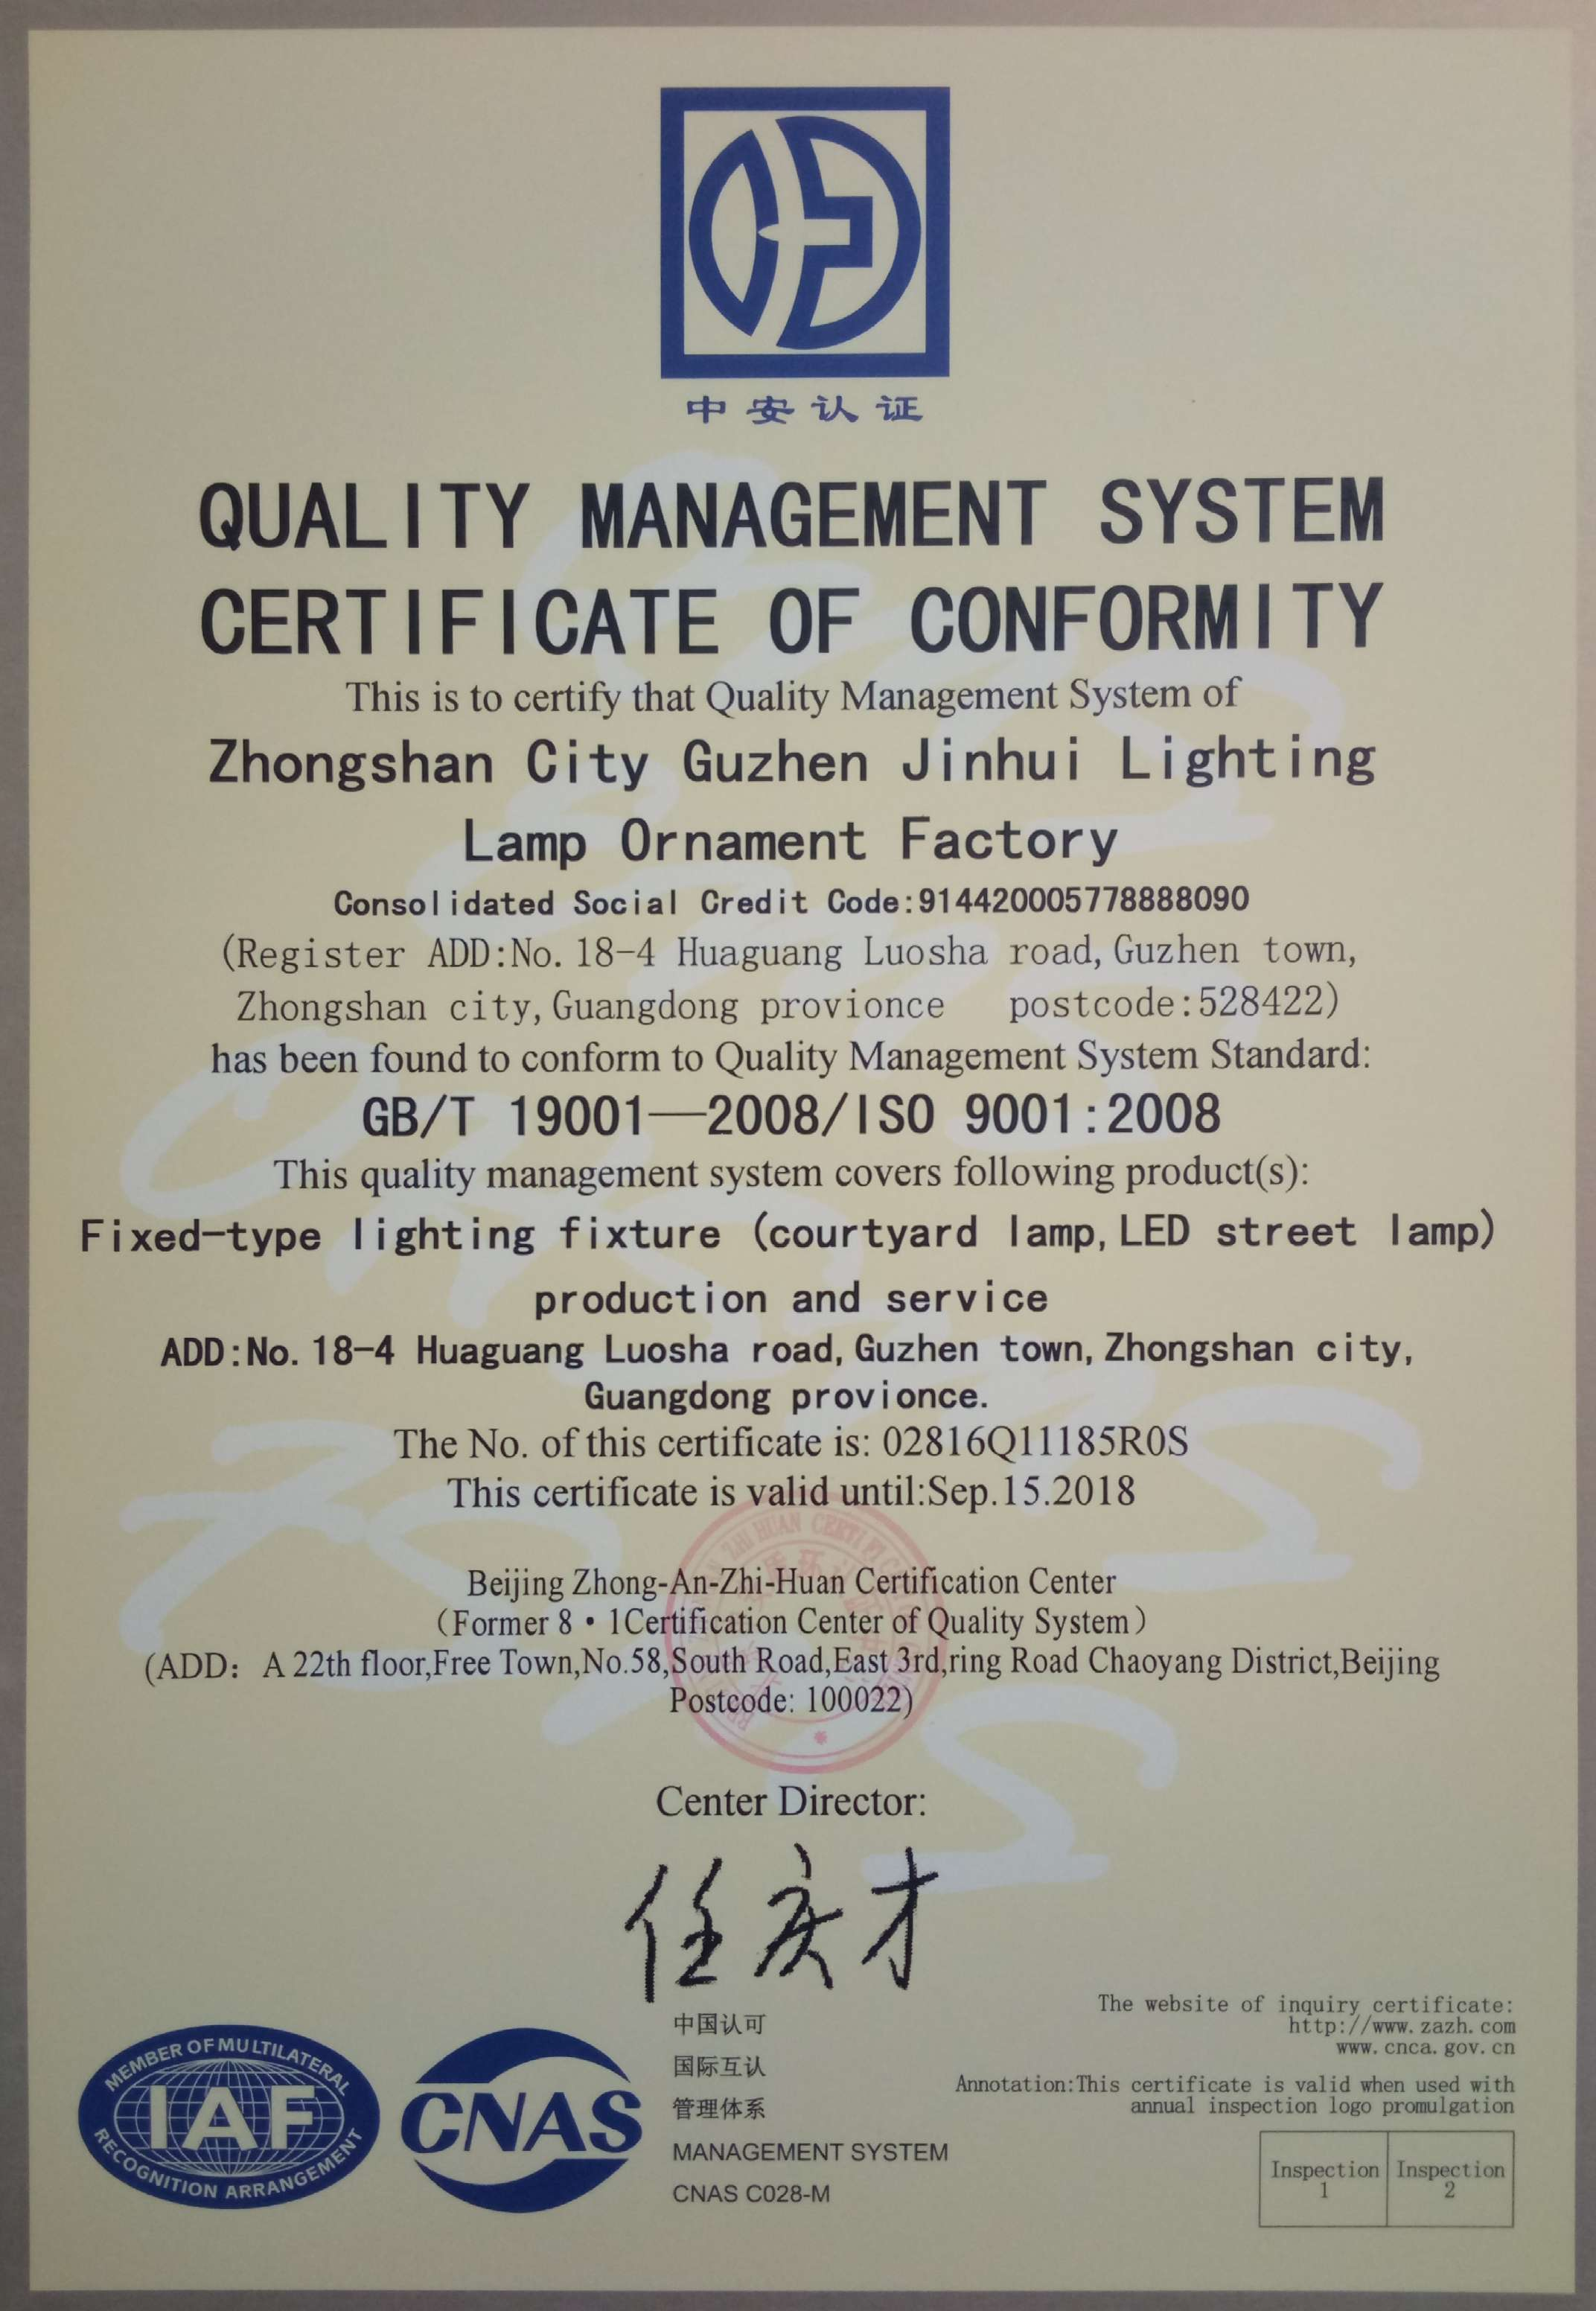 劲辉太阳能 ISO认证